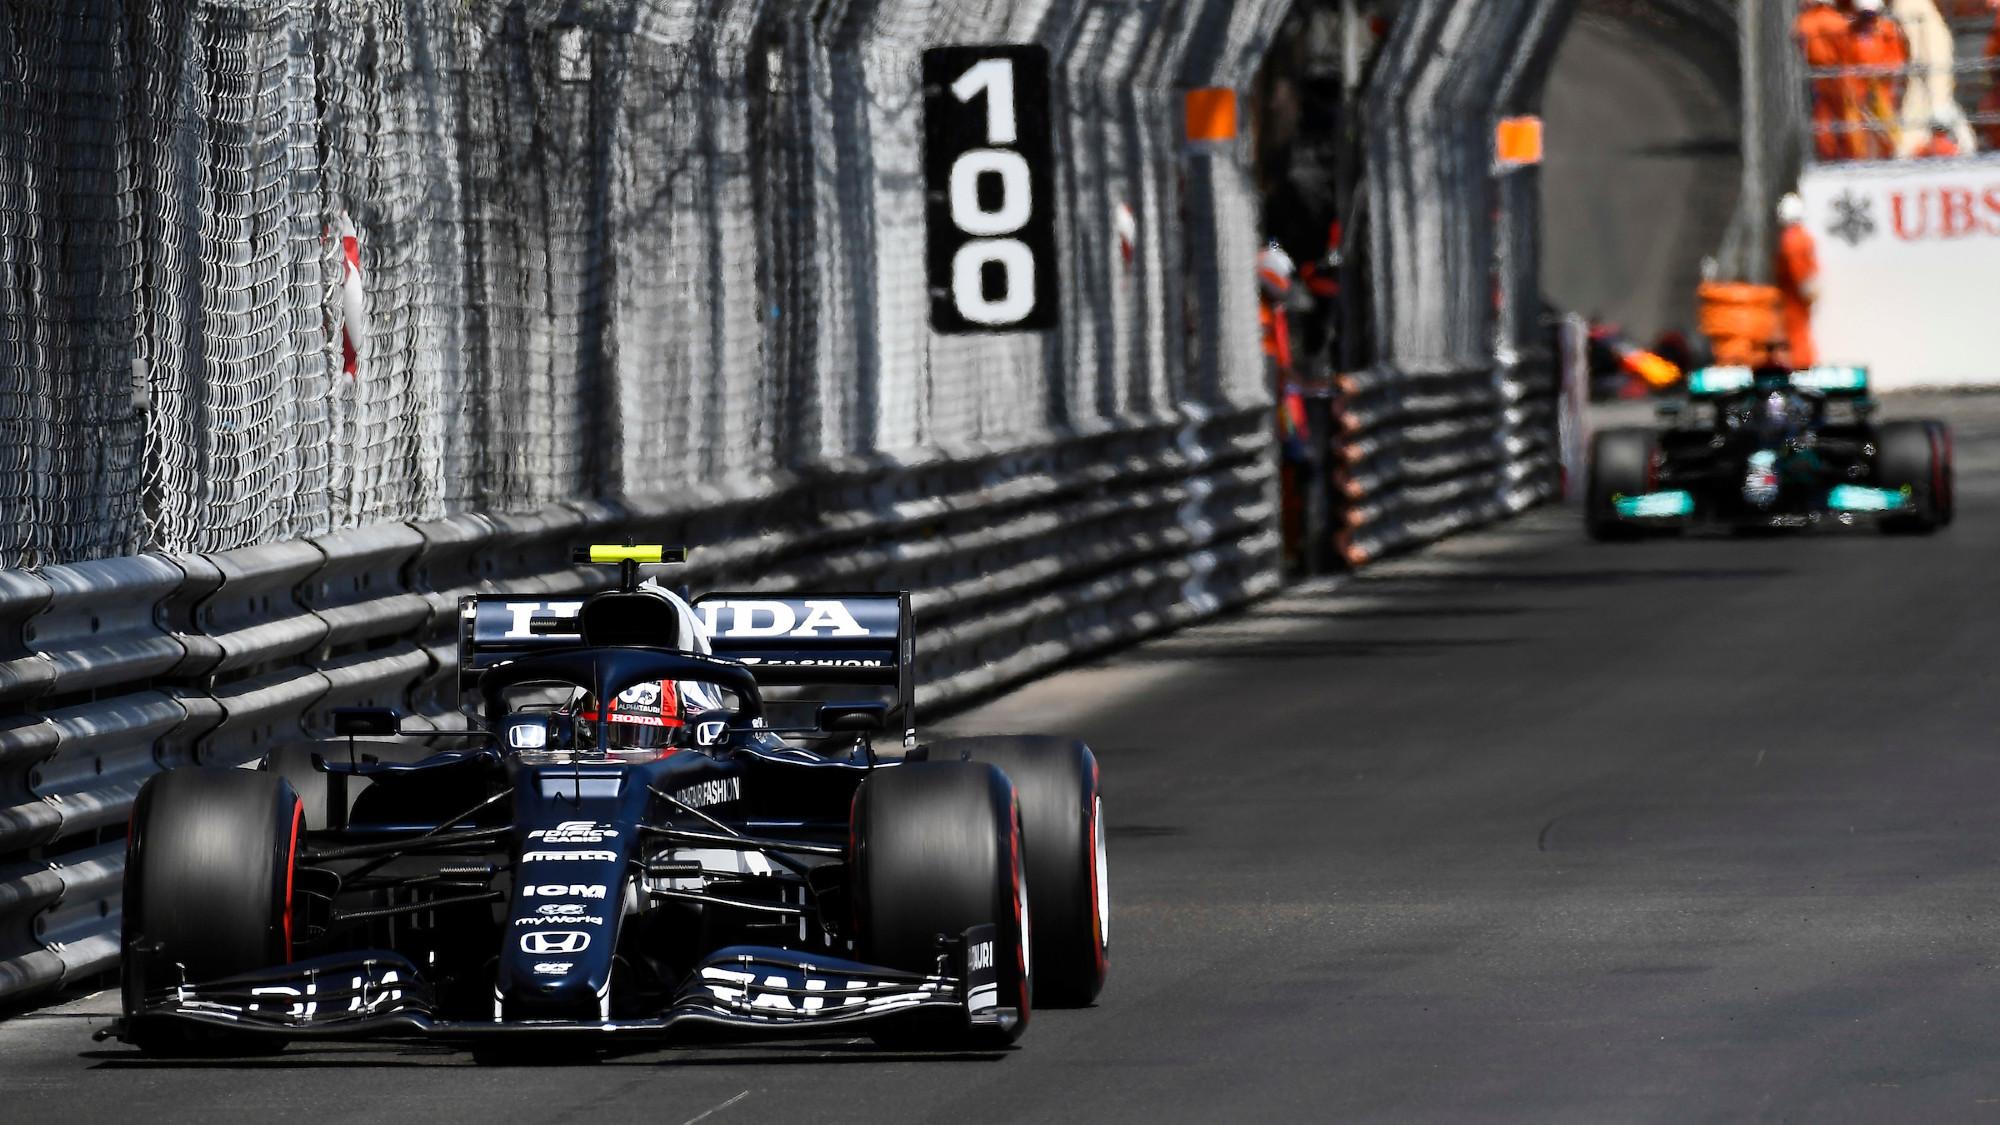 Pierre Gasly, 2021 Monaco GP